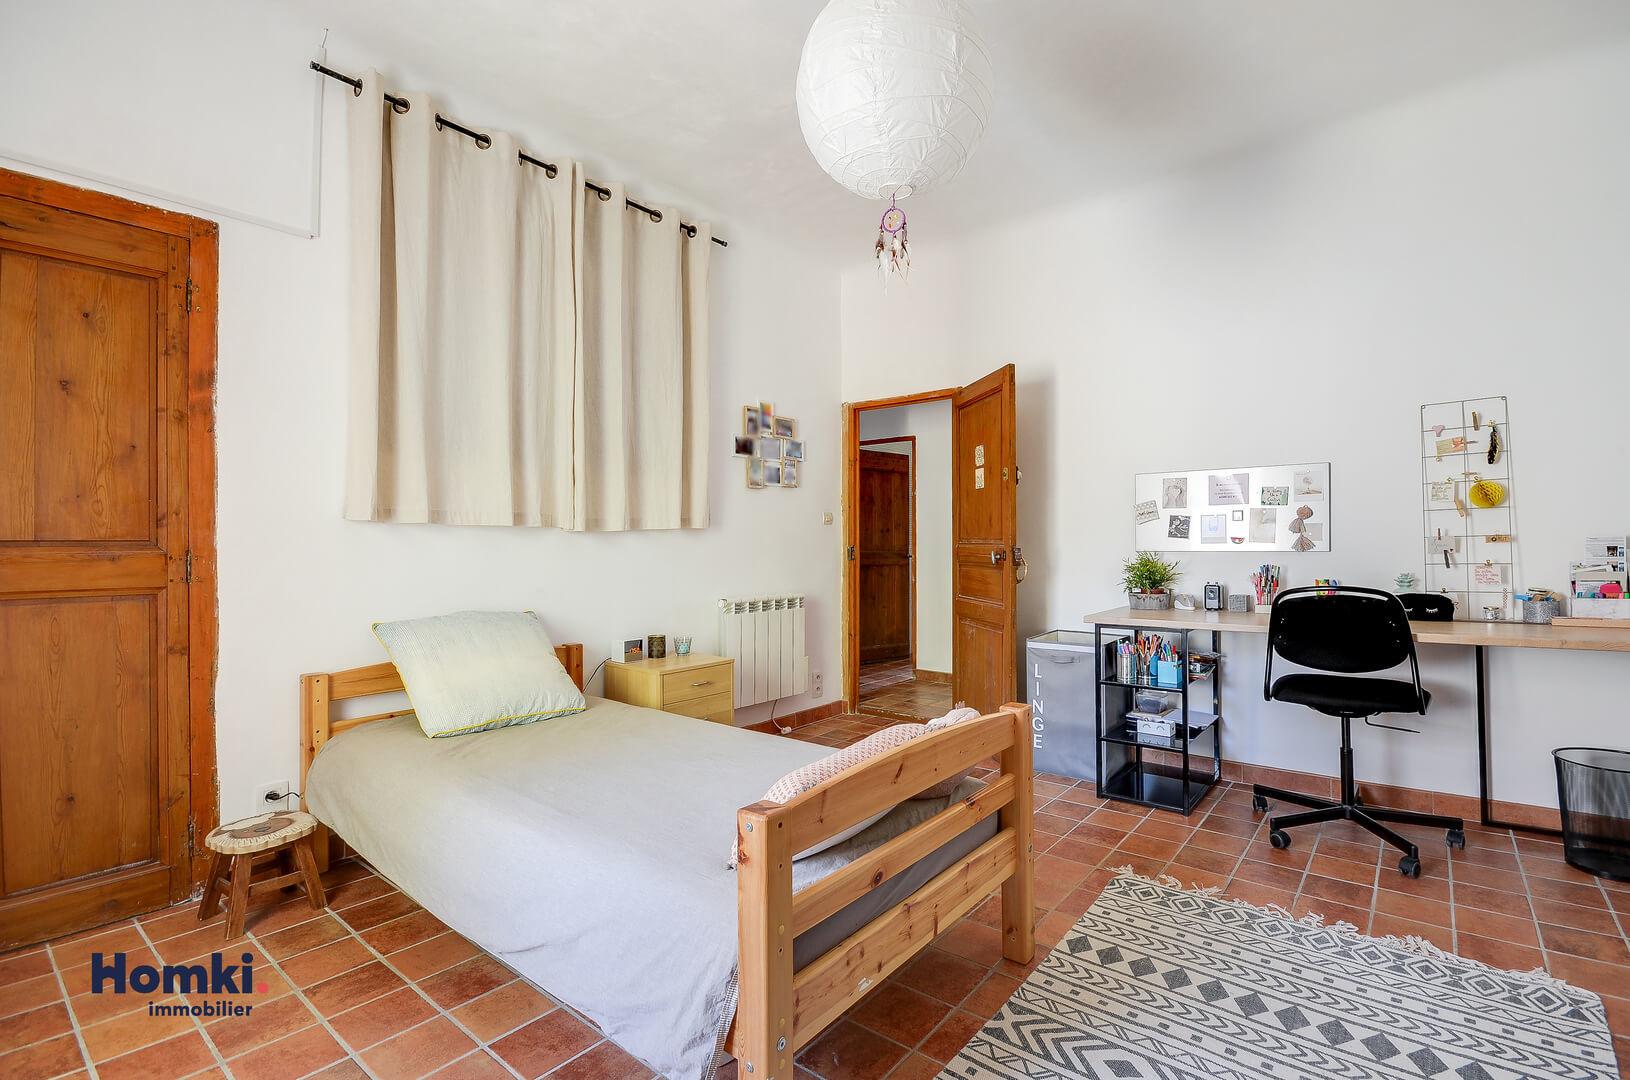 Vente Maison 70 m² T3 13290 Aix en Provence_8